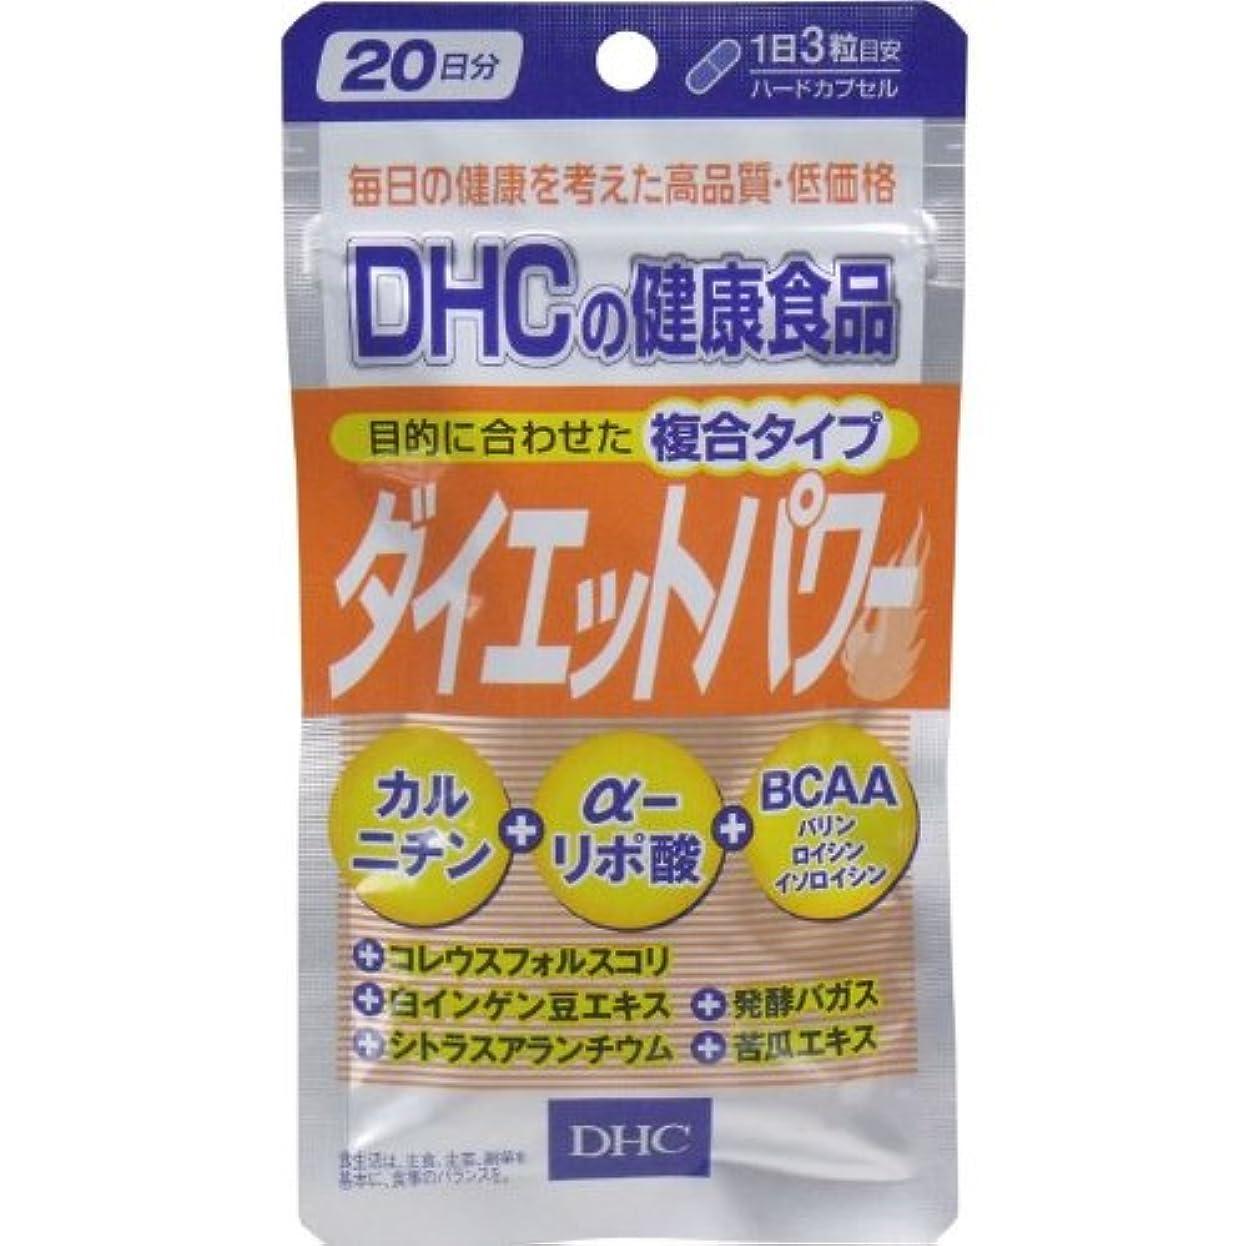 飢饉やりすぎ長椅子DHC ダイエットパワー 60粒入 20日分【3個セット】